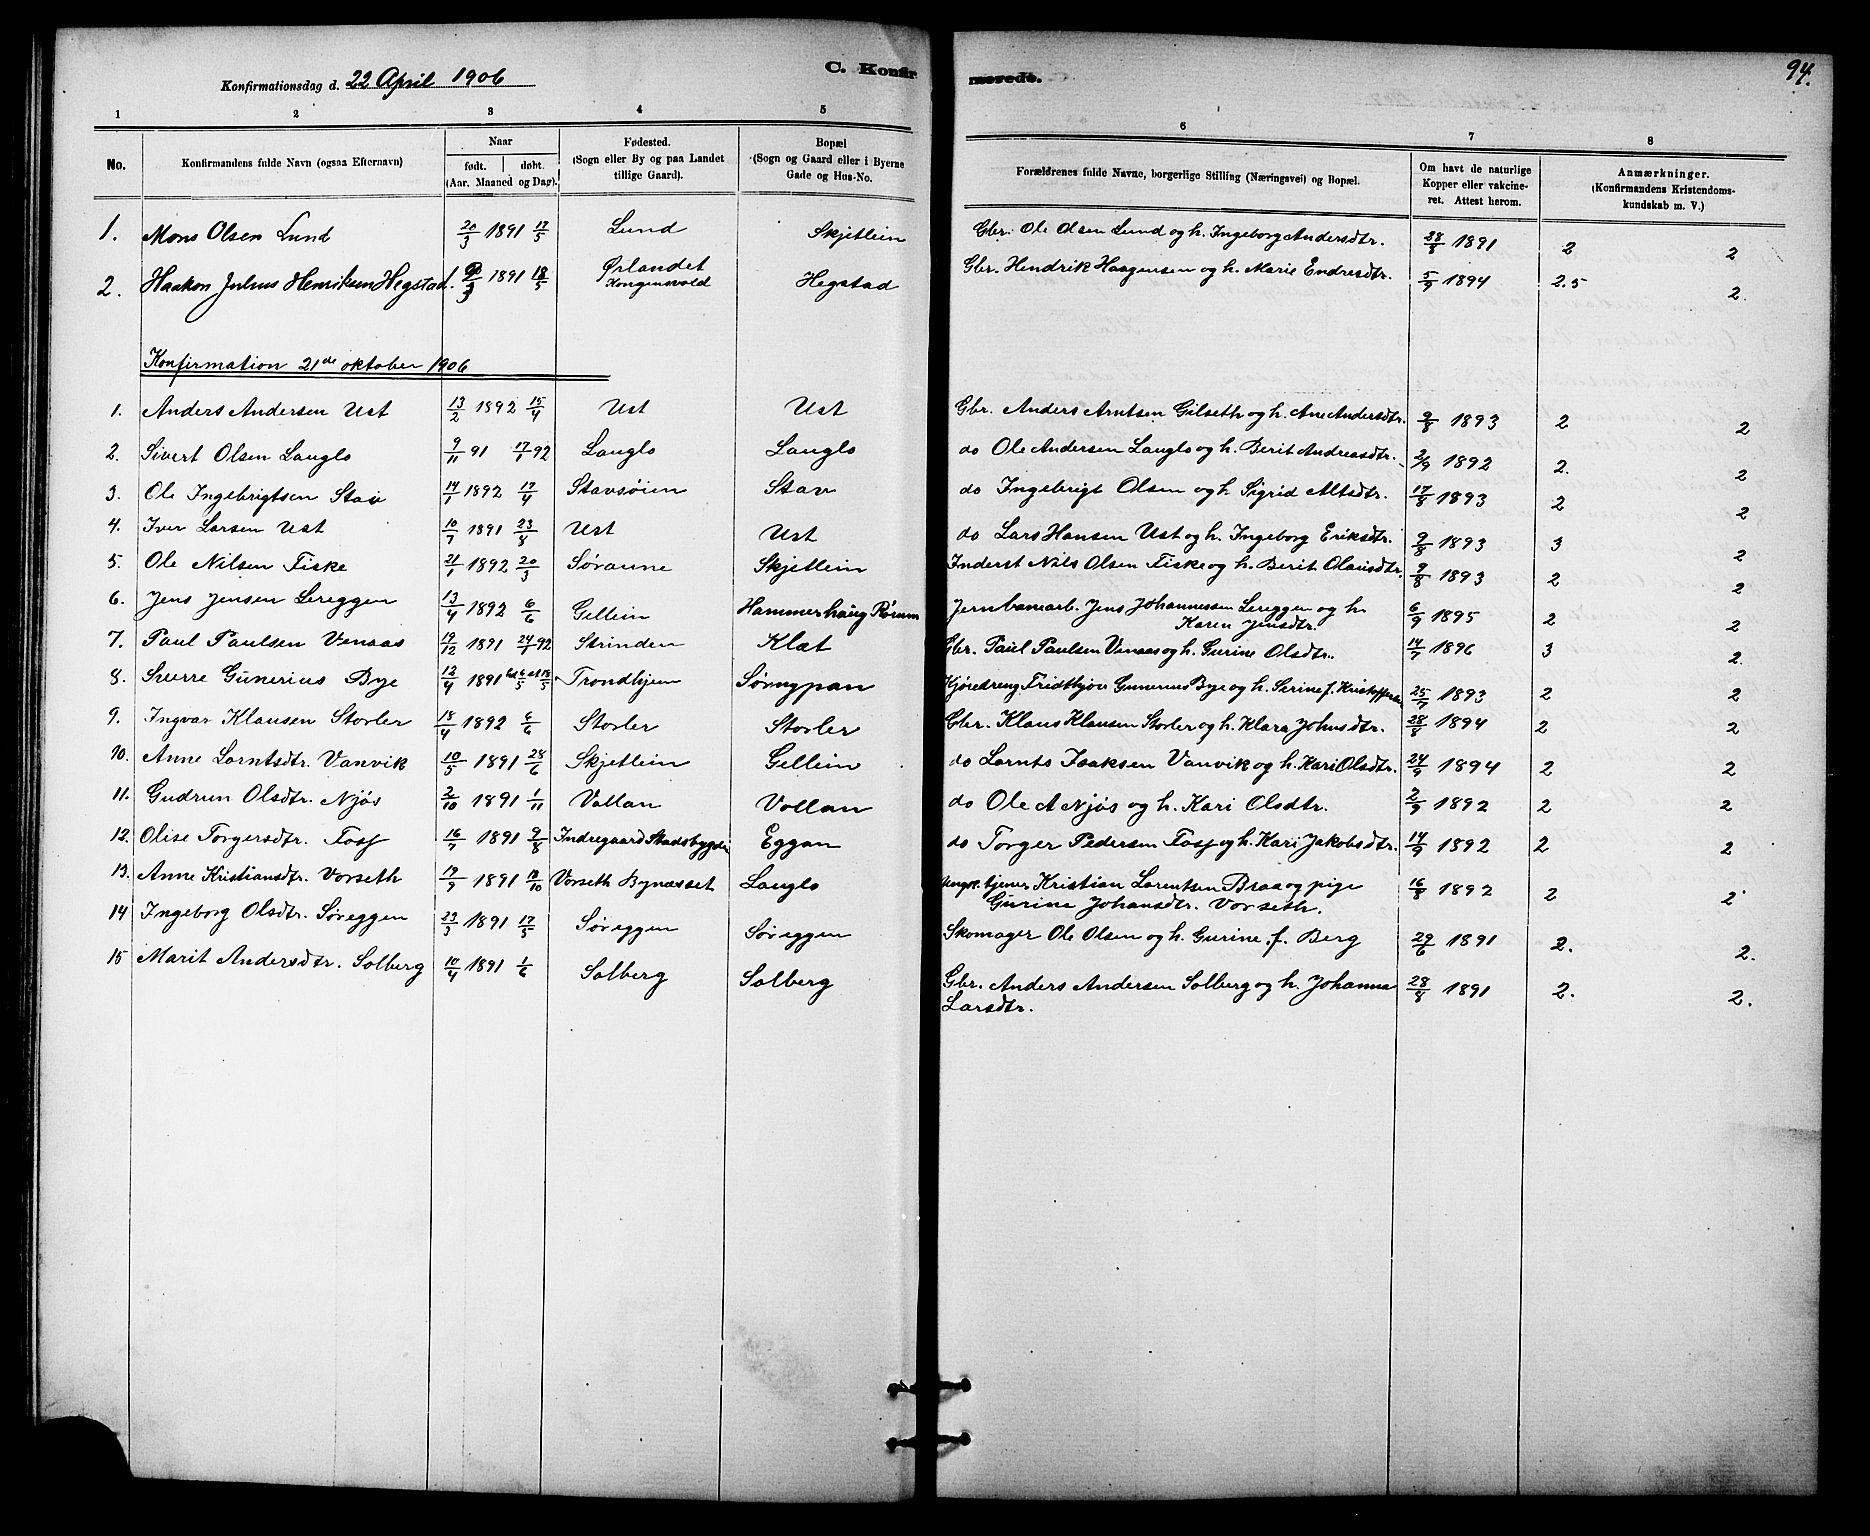 SAT, Ministerialprotokoller, klokkerbøker og fødselsregistre - Sør-Trøndelag, 613/L0395: Klokkerbok nr. 613C03, 1887-1909, s. 94